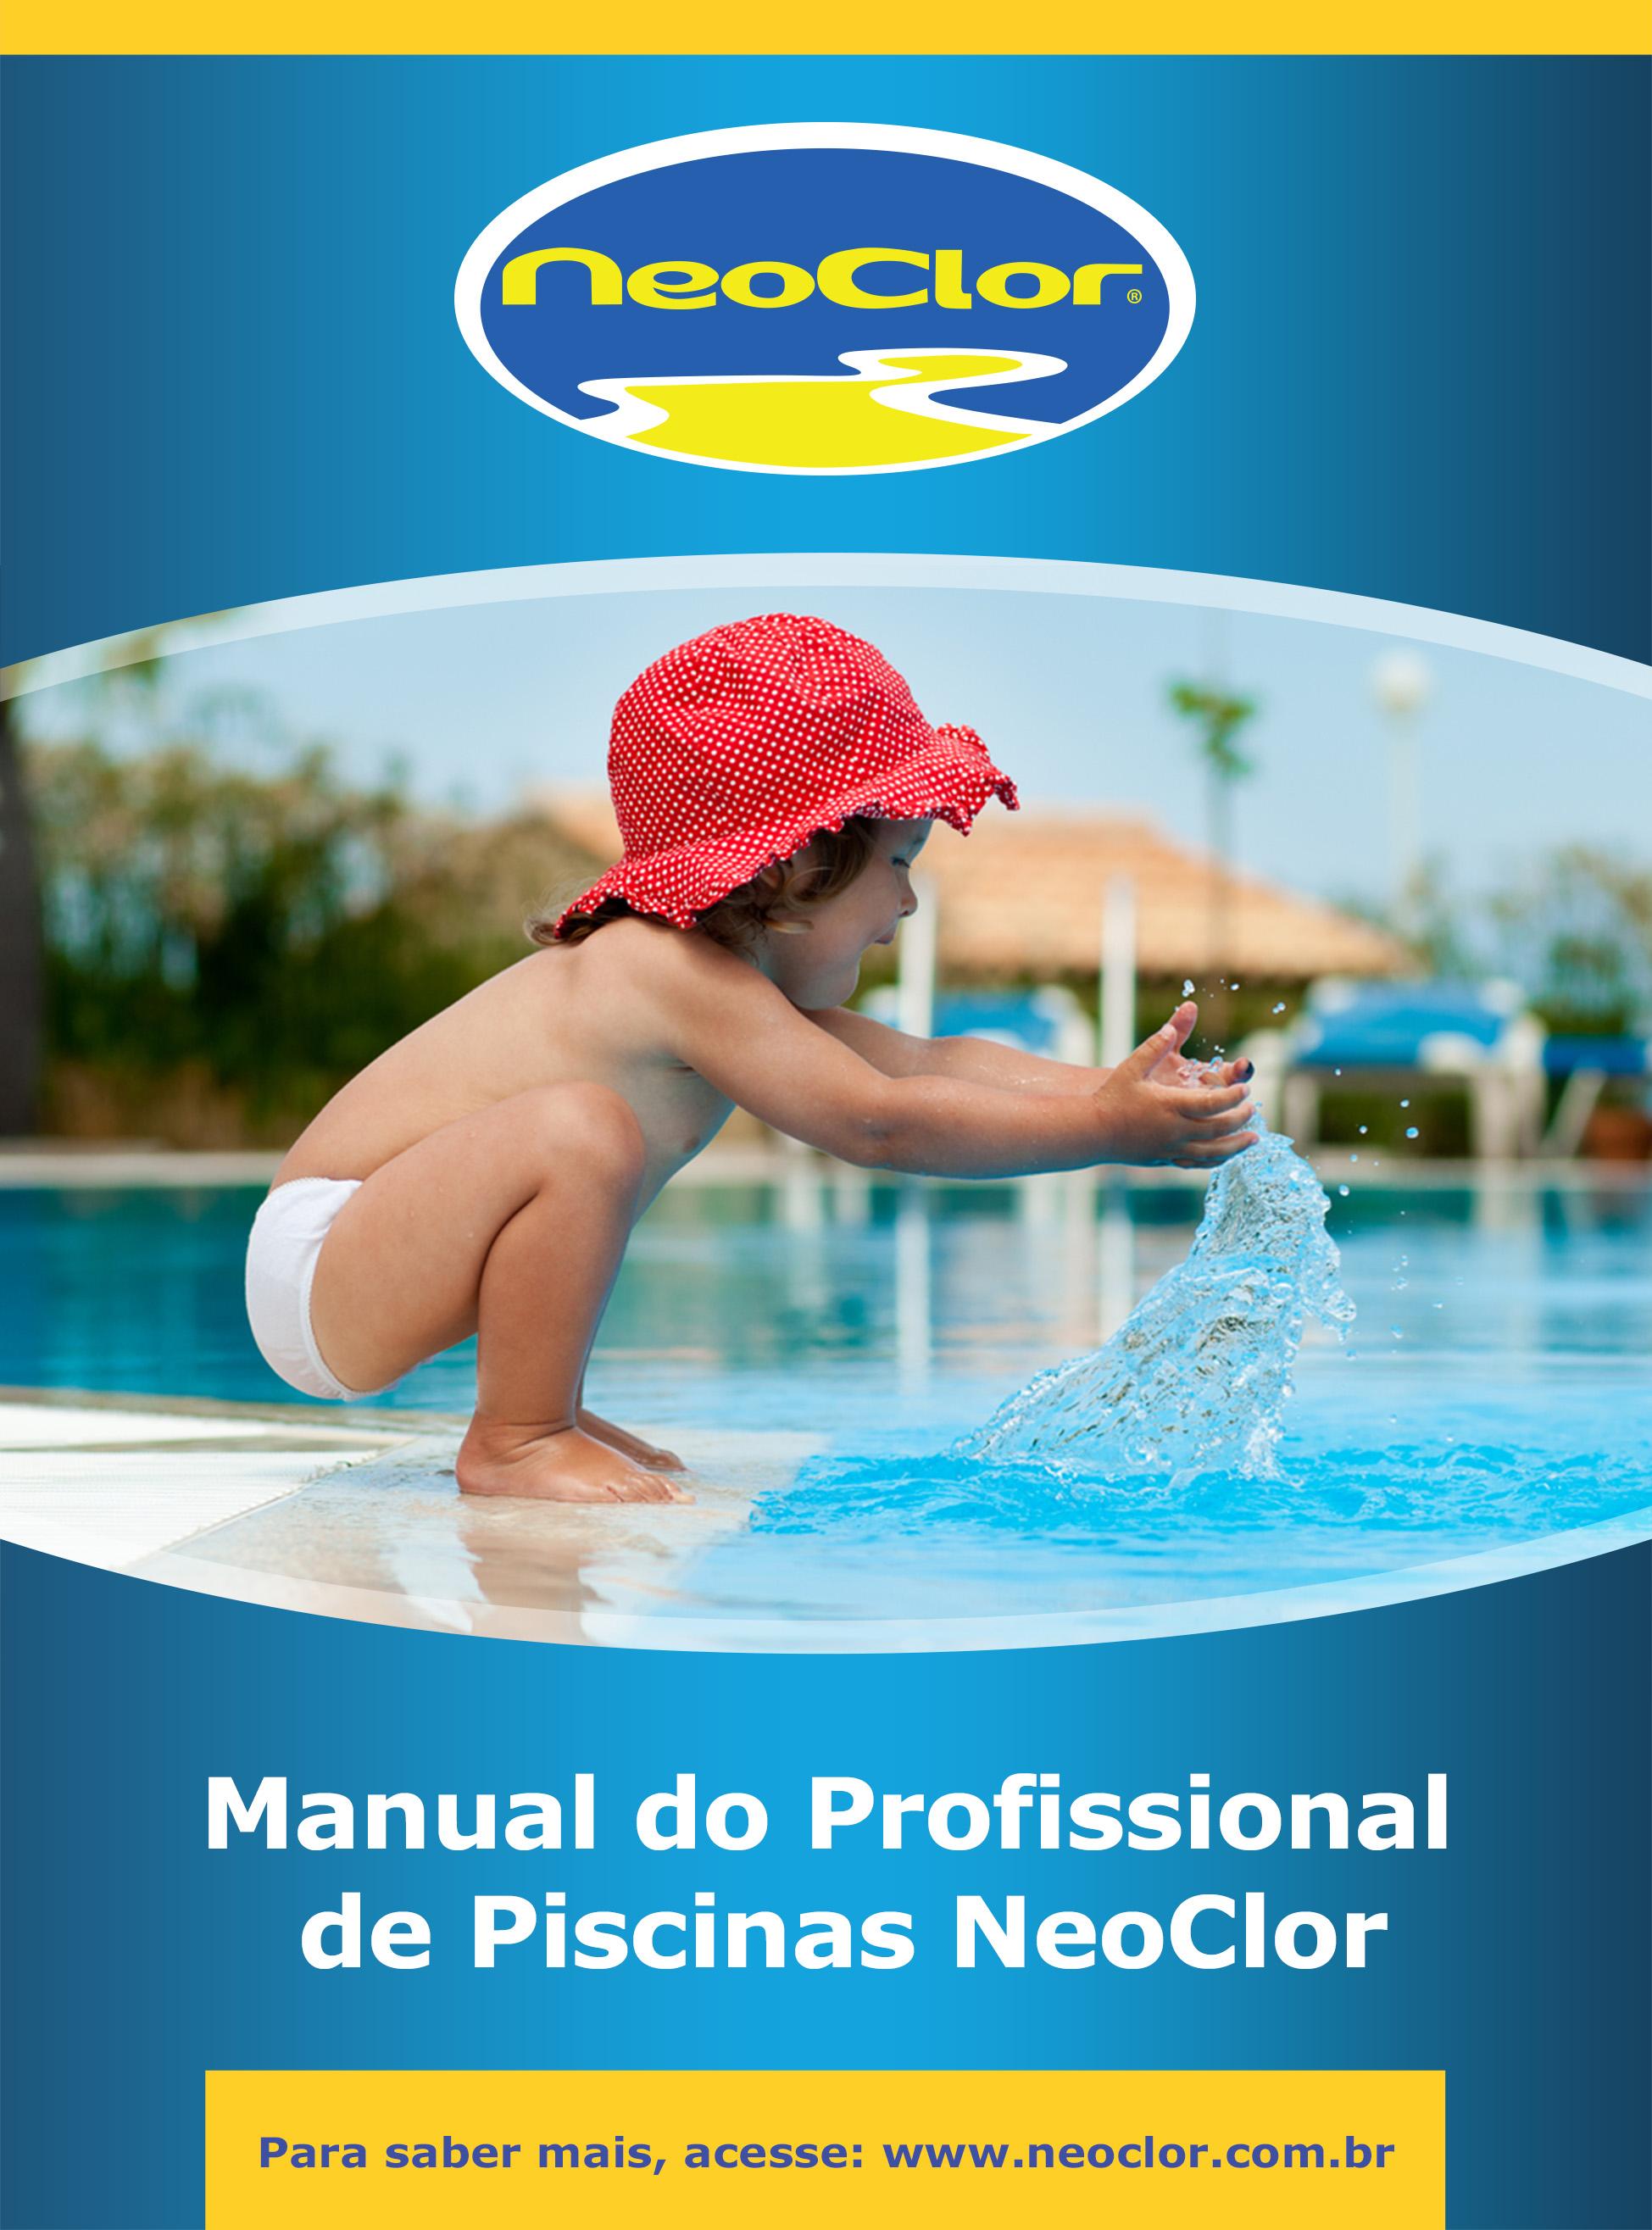 Manual do Profissional de Piscinas